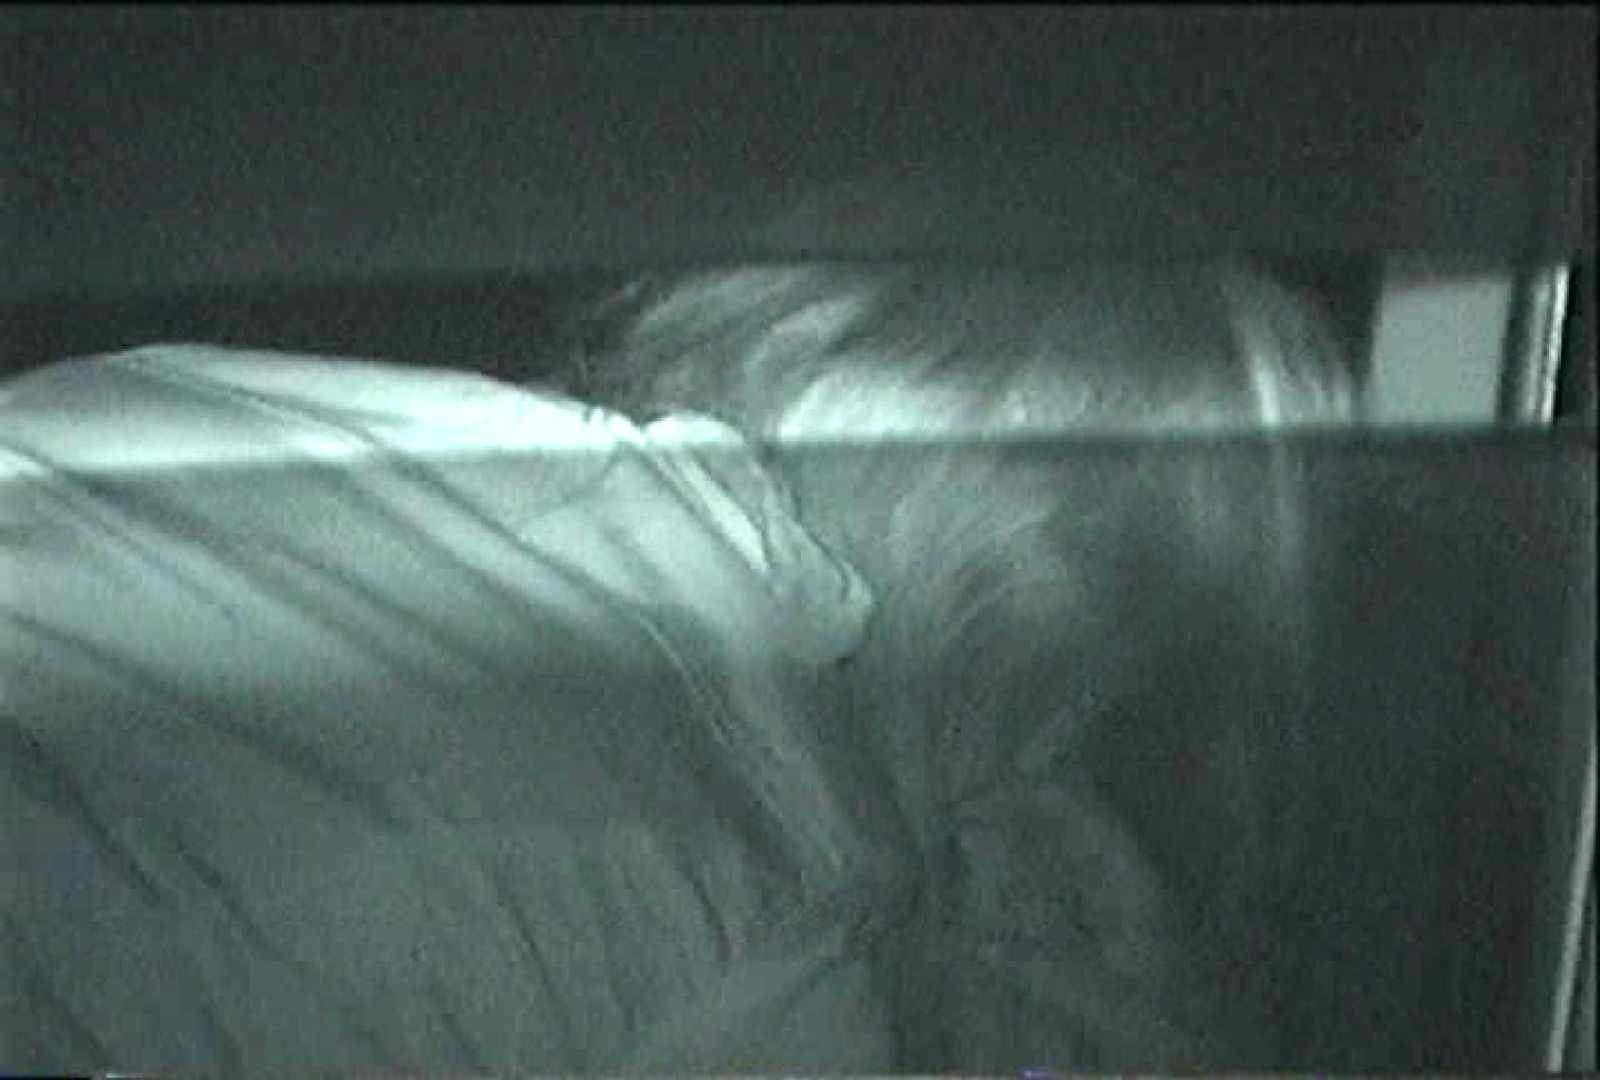 充血監督の深夜の運動会Vol.80 ギャルのエロ動画 | エッチなセックス  85画像 40